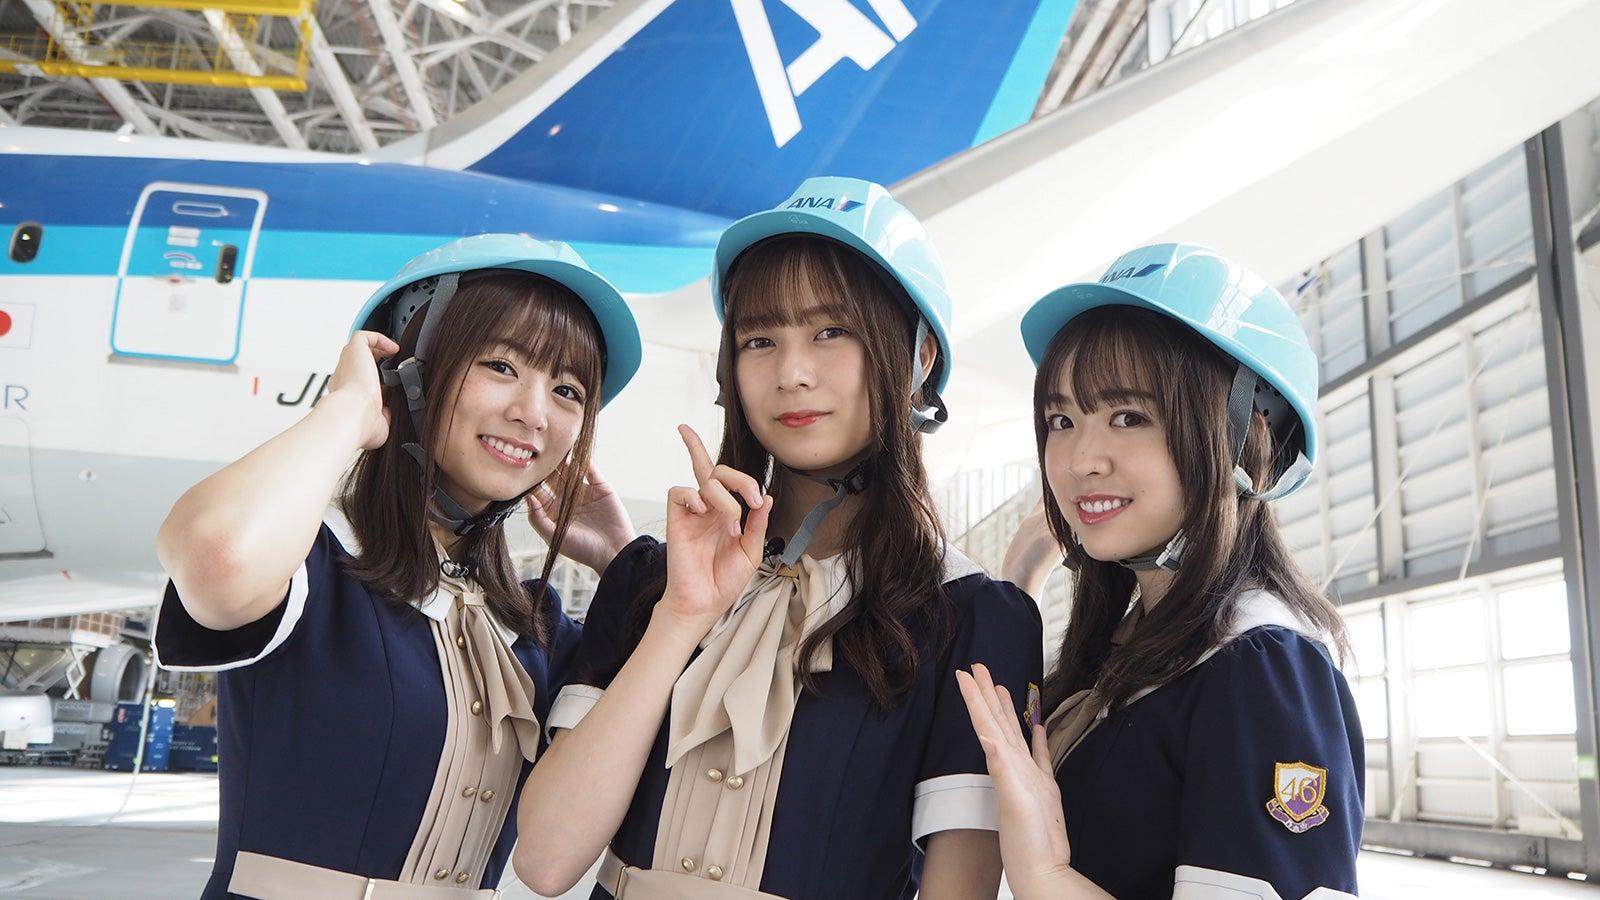 【会いに行くよ横浜まで】ももいろクローバーZ潜入捜査官15116【ちょっとこざっぱりした服装で】 YouTube動画>2本 ->画像>289枚